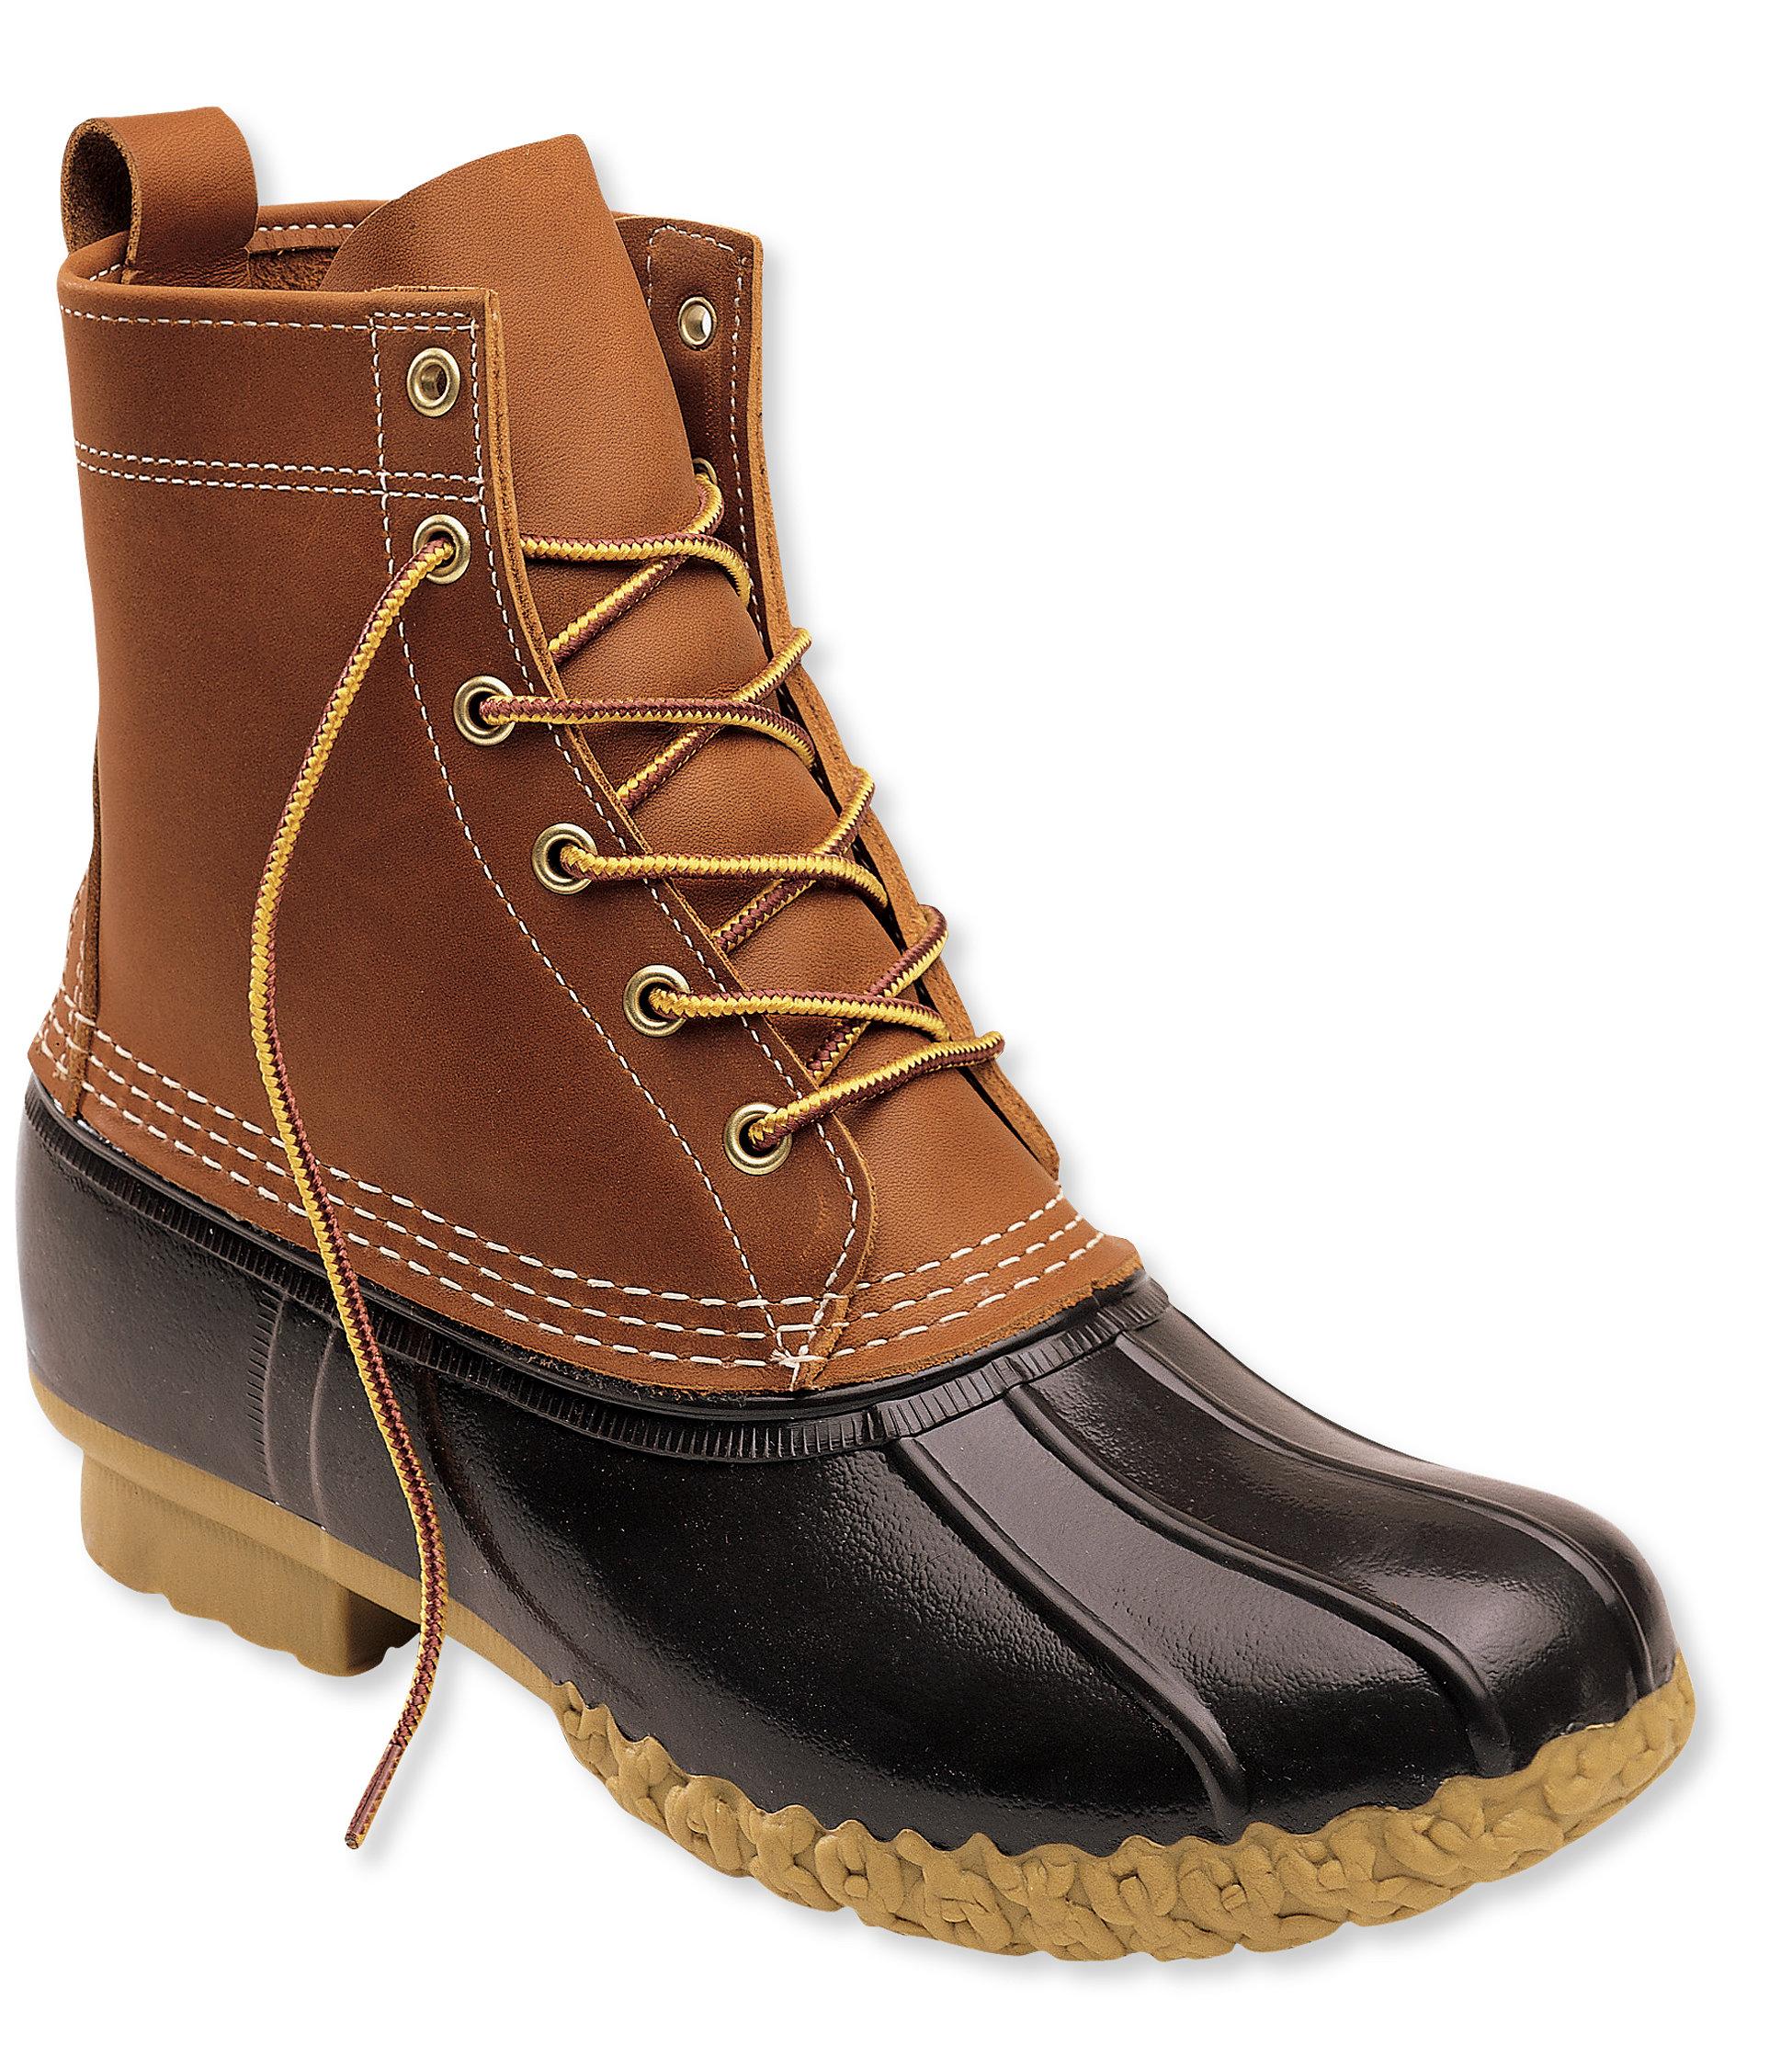 duck boots menu0027s l.l.bean boots, 8 ZXODMAC